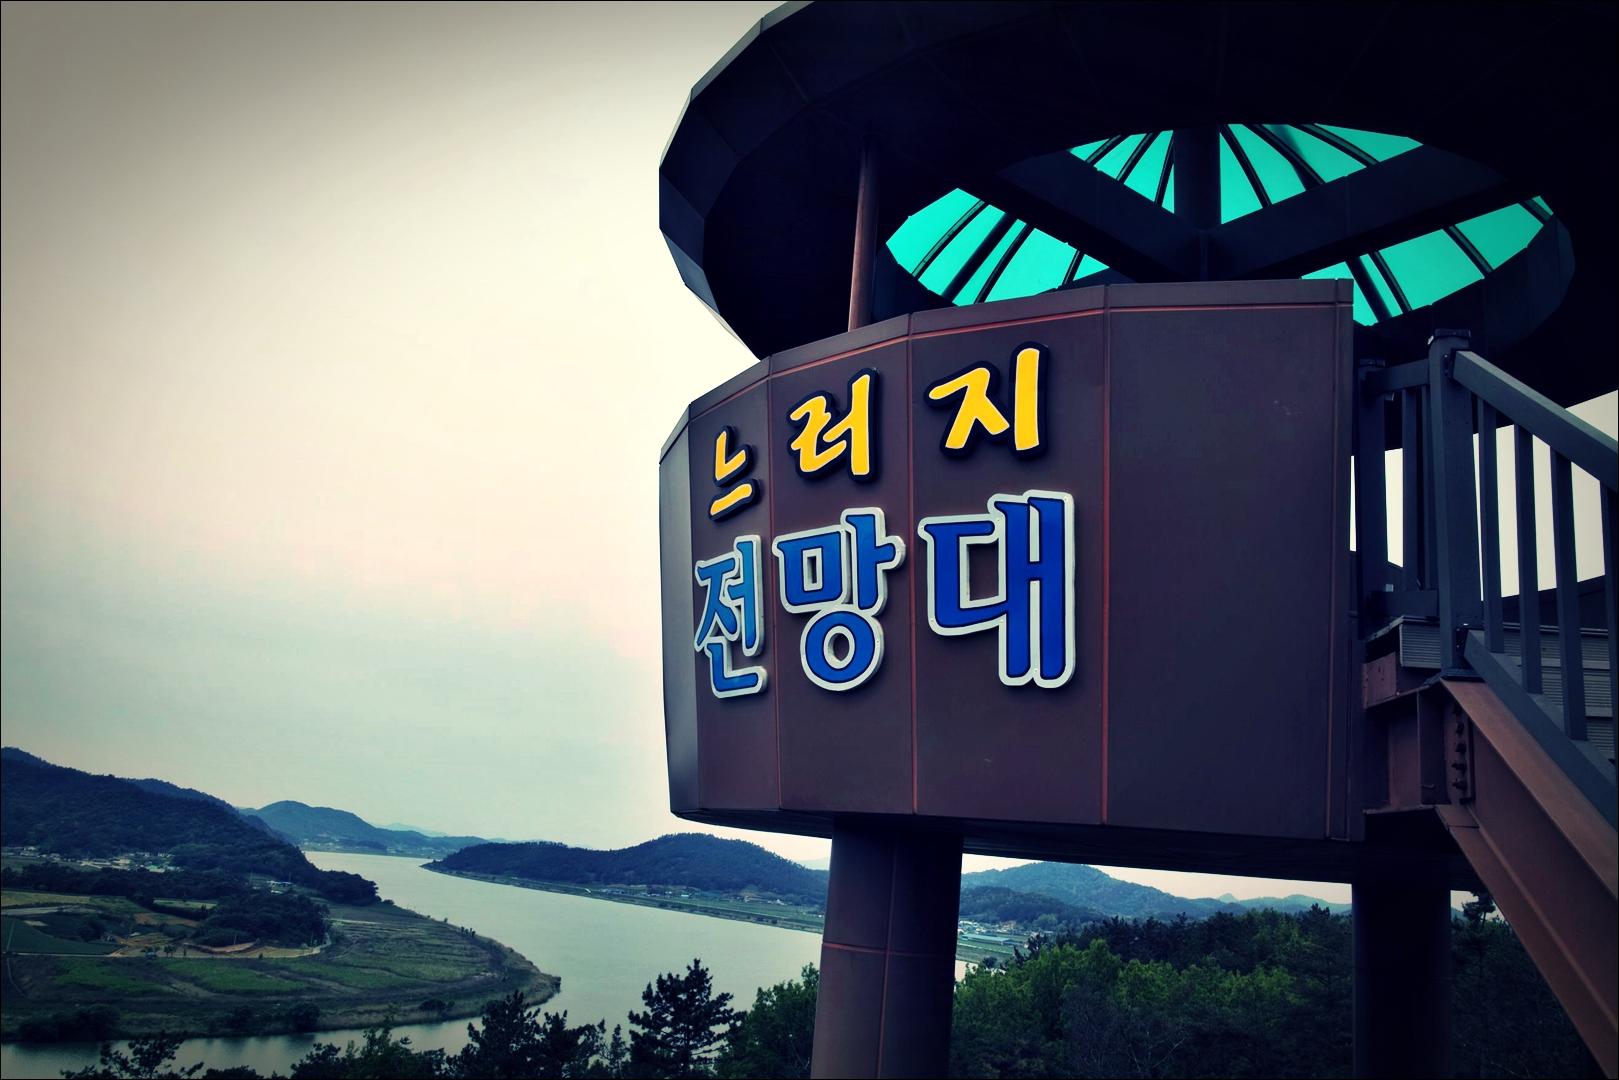 느러지 전망대-'영산강 자전거 종주 Yeongsan_River_Bike_Riding'